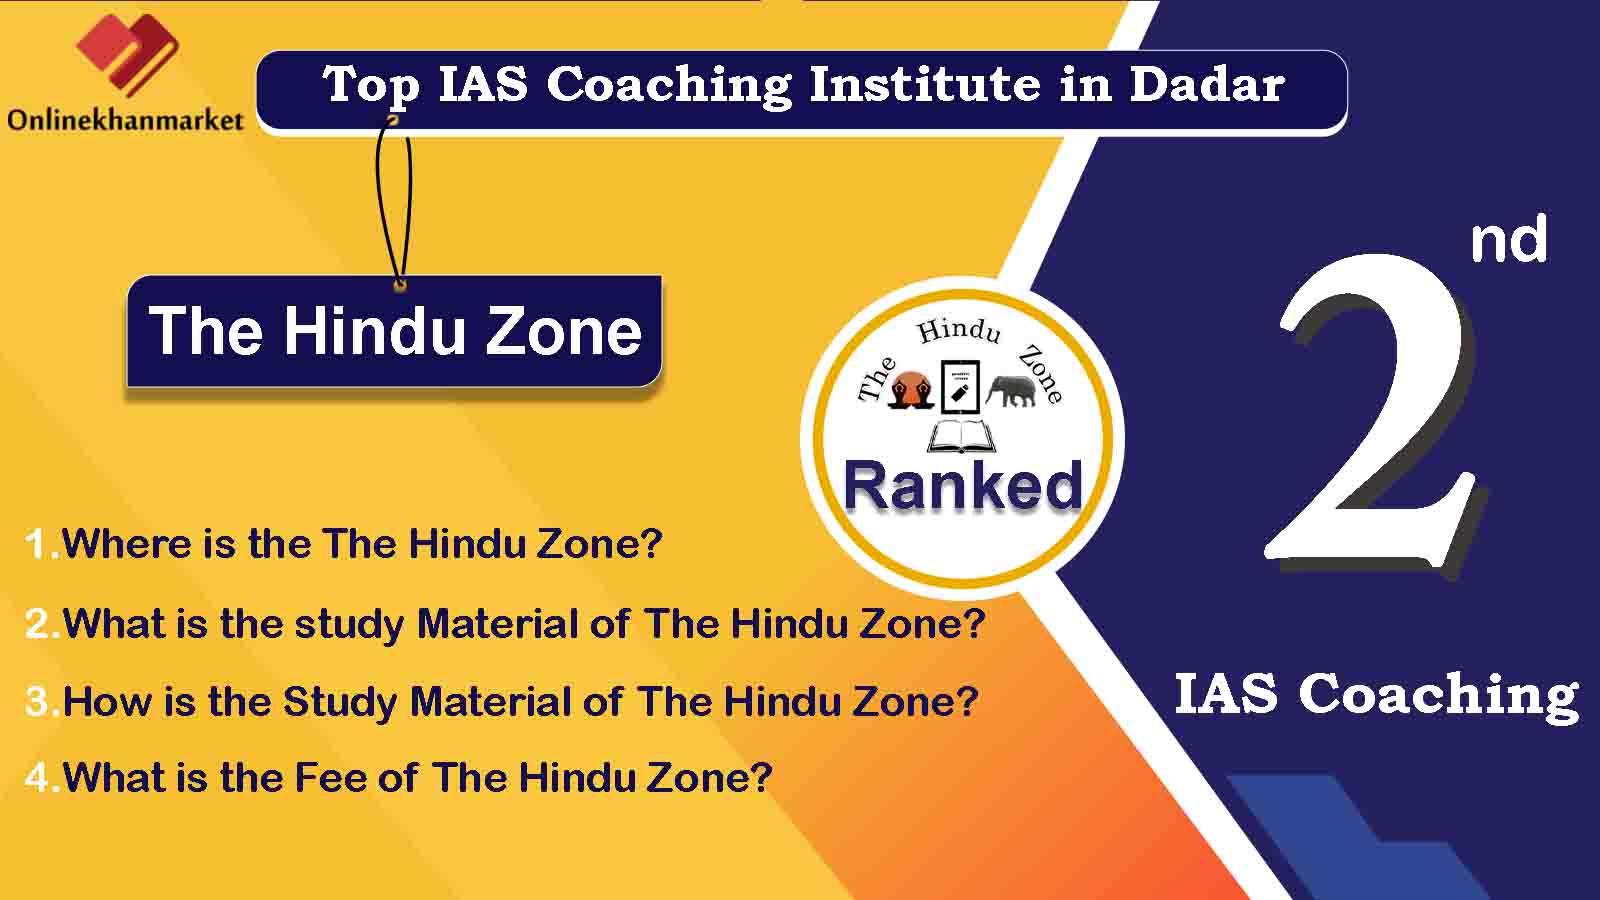 IAS Coaching in Dadar